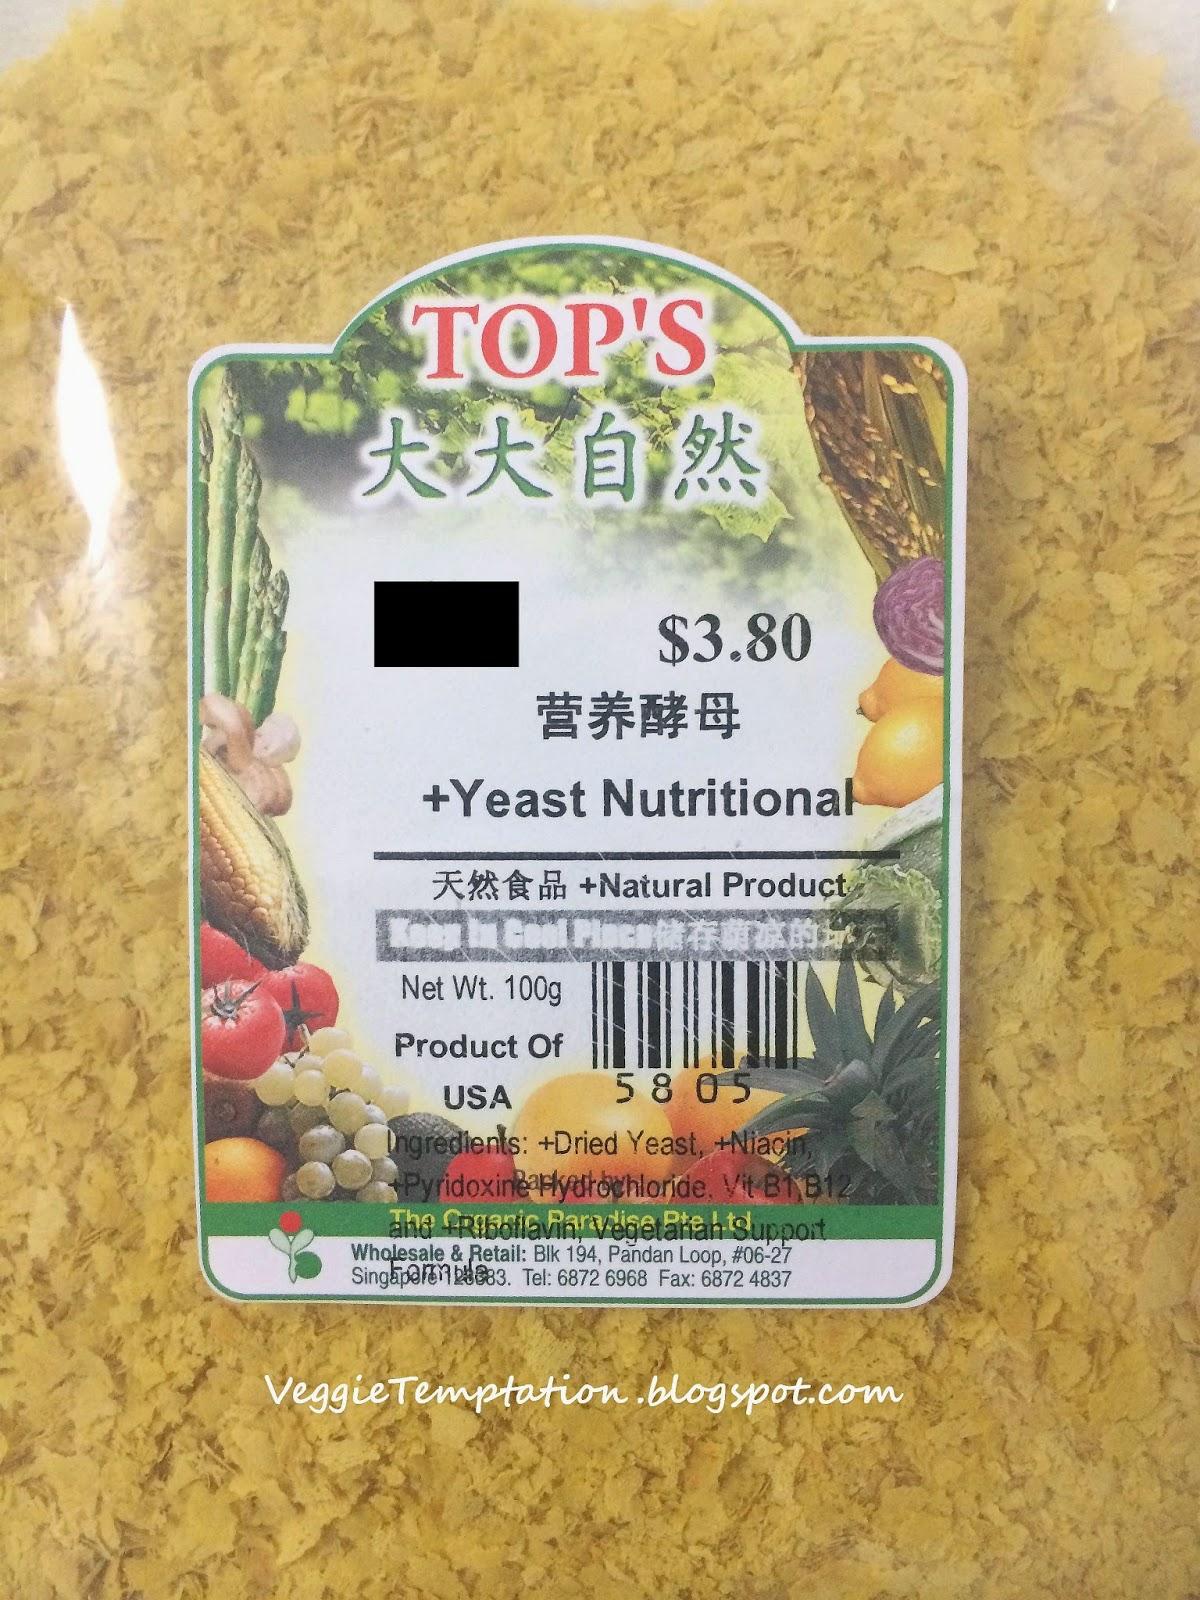 Best nutritional yeast brand